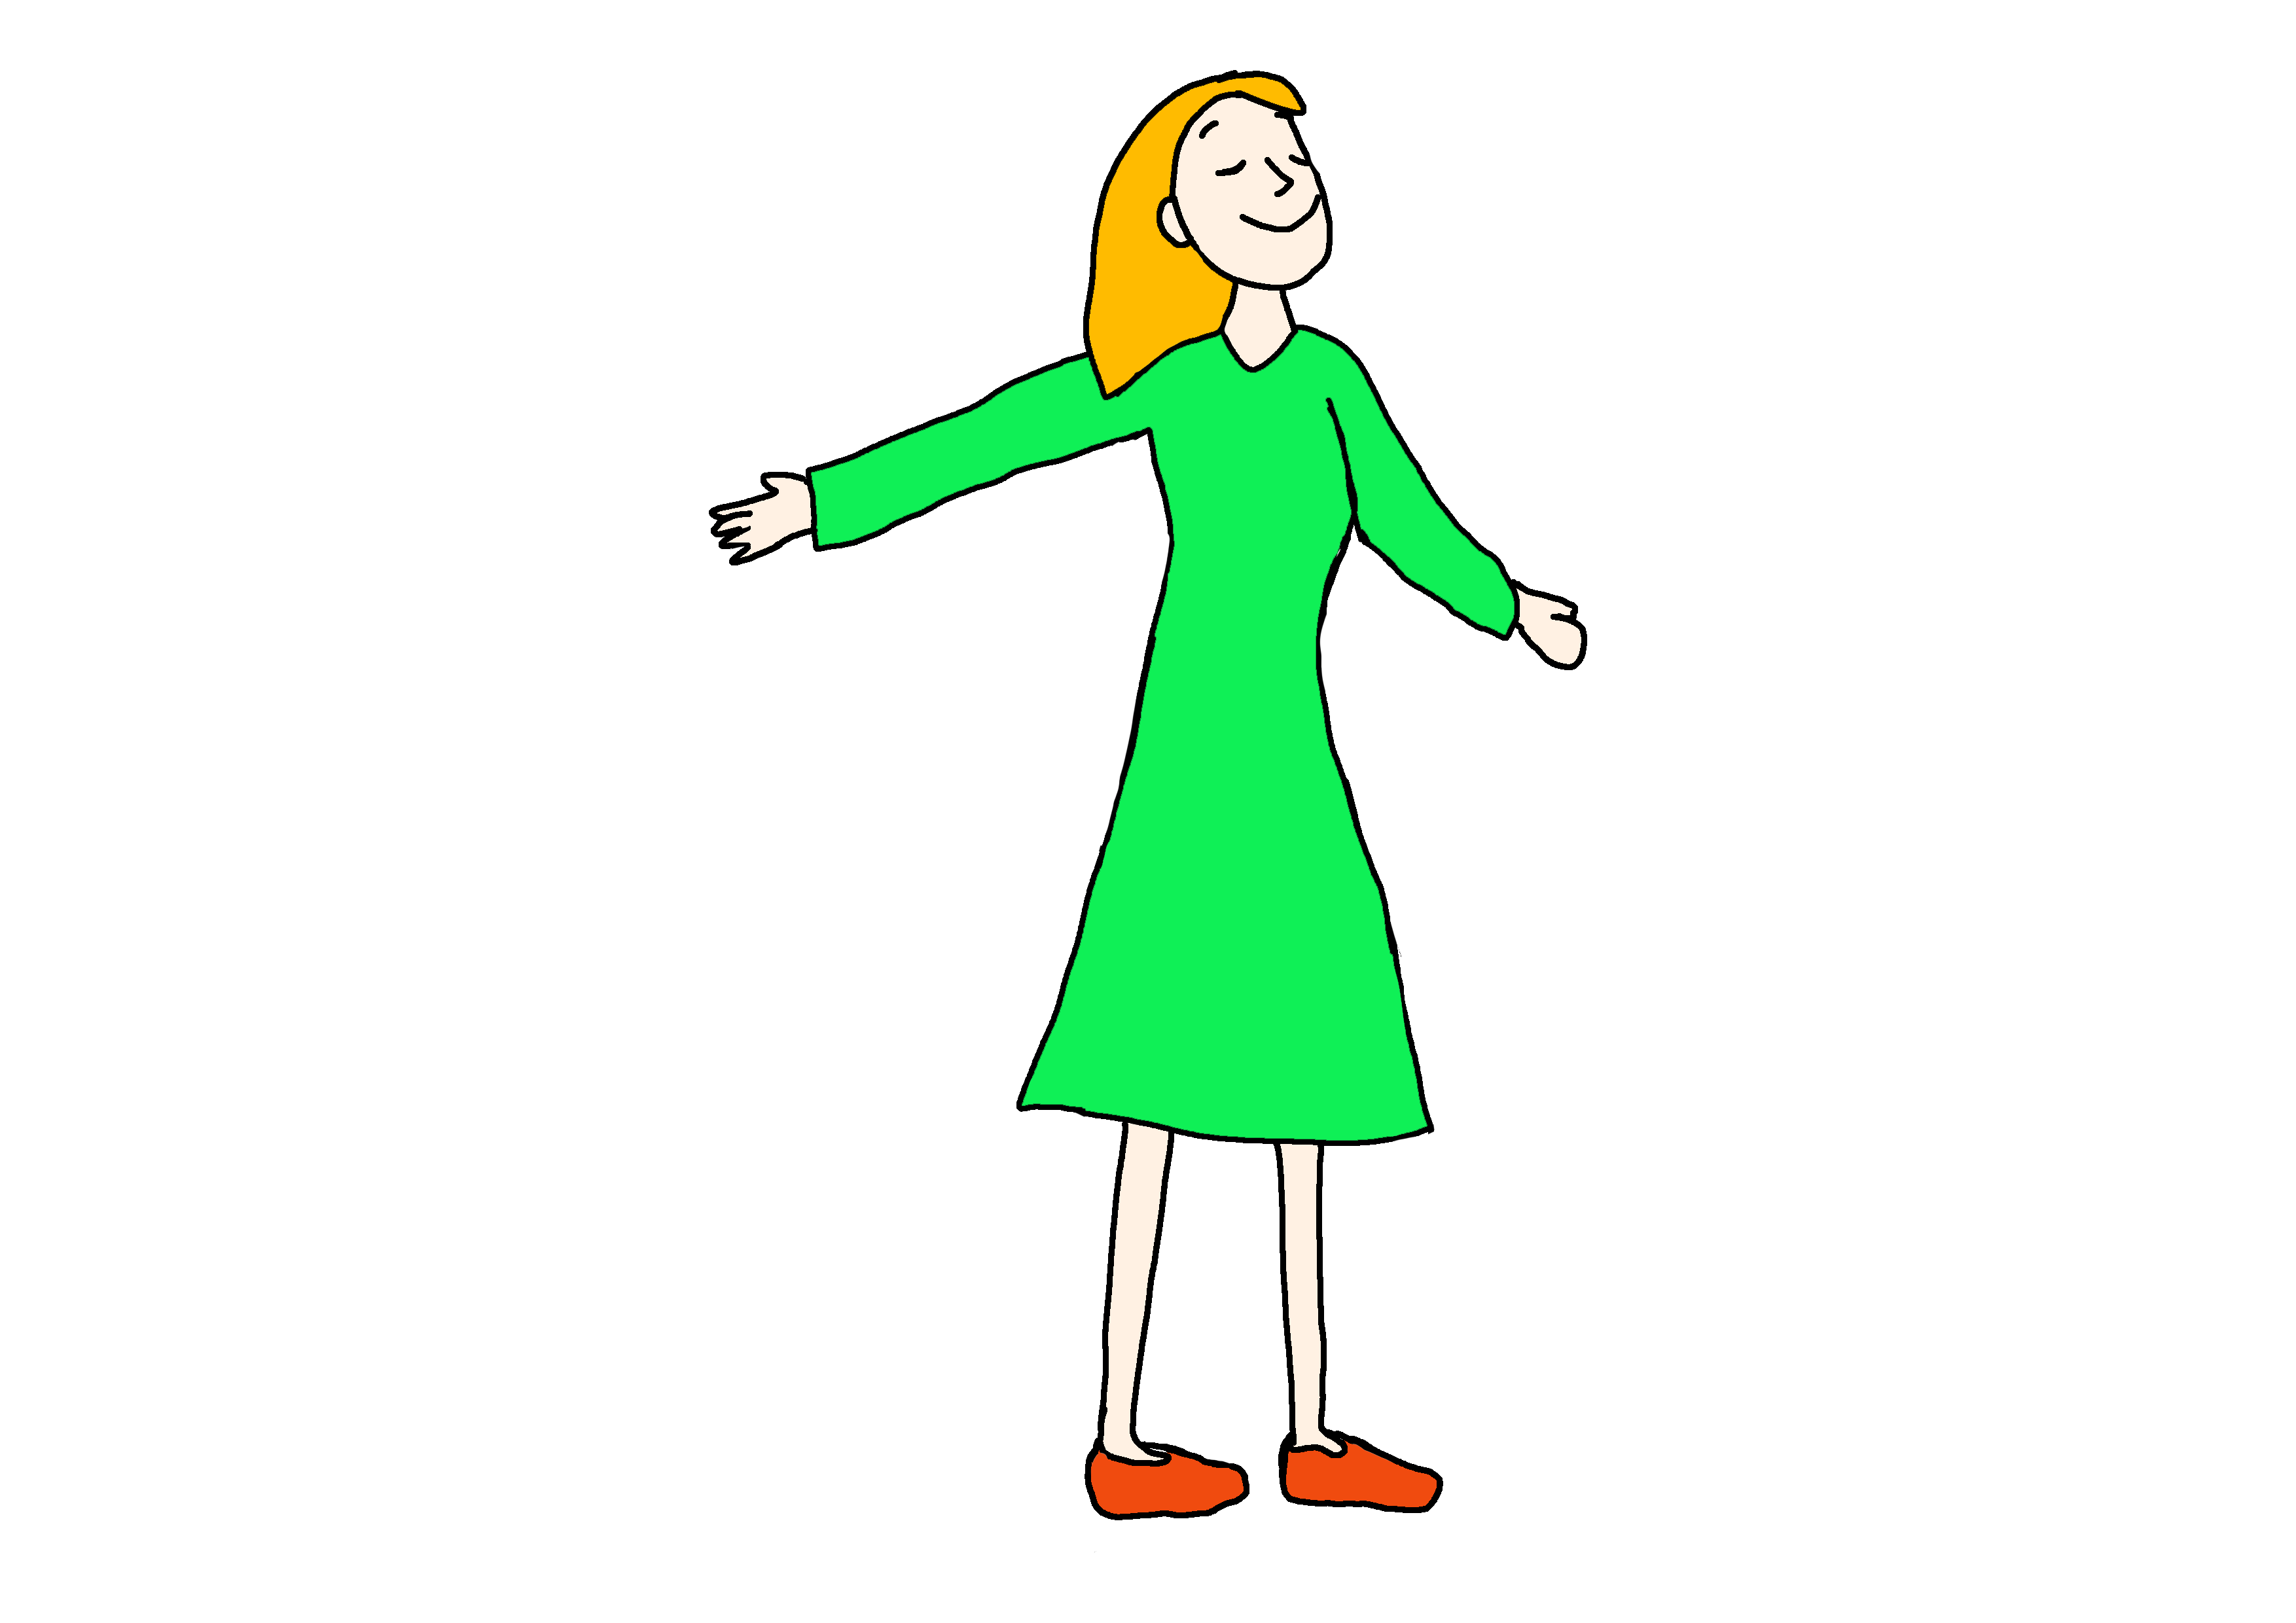 26課イラスト【気分がいい】